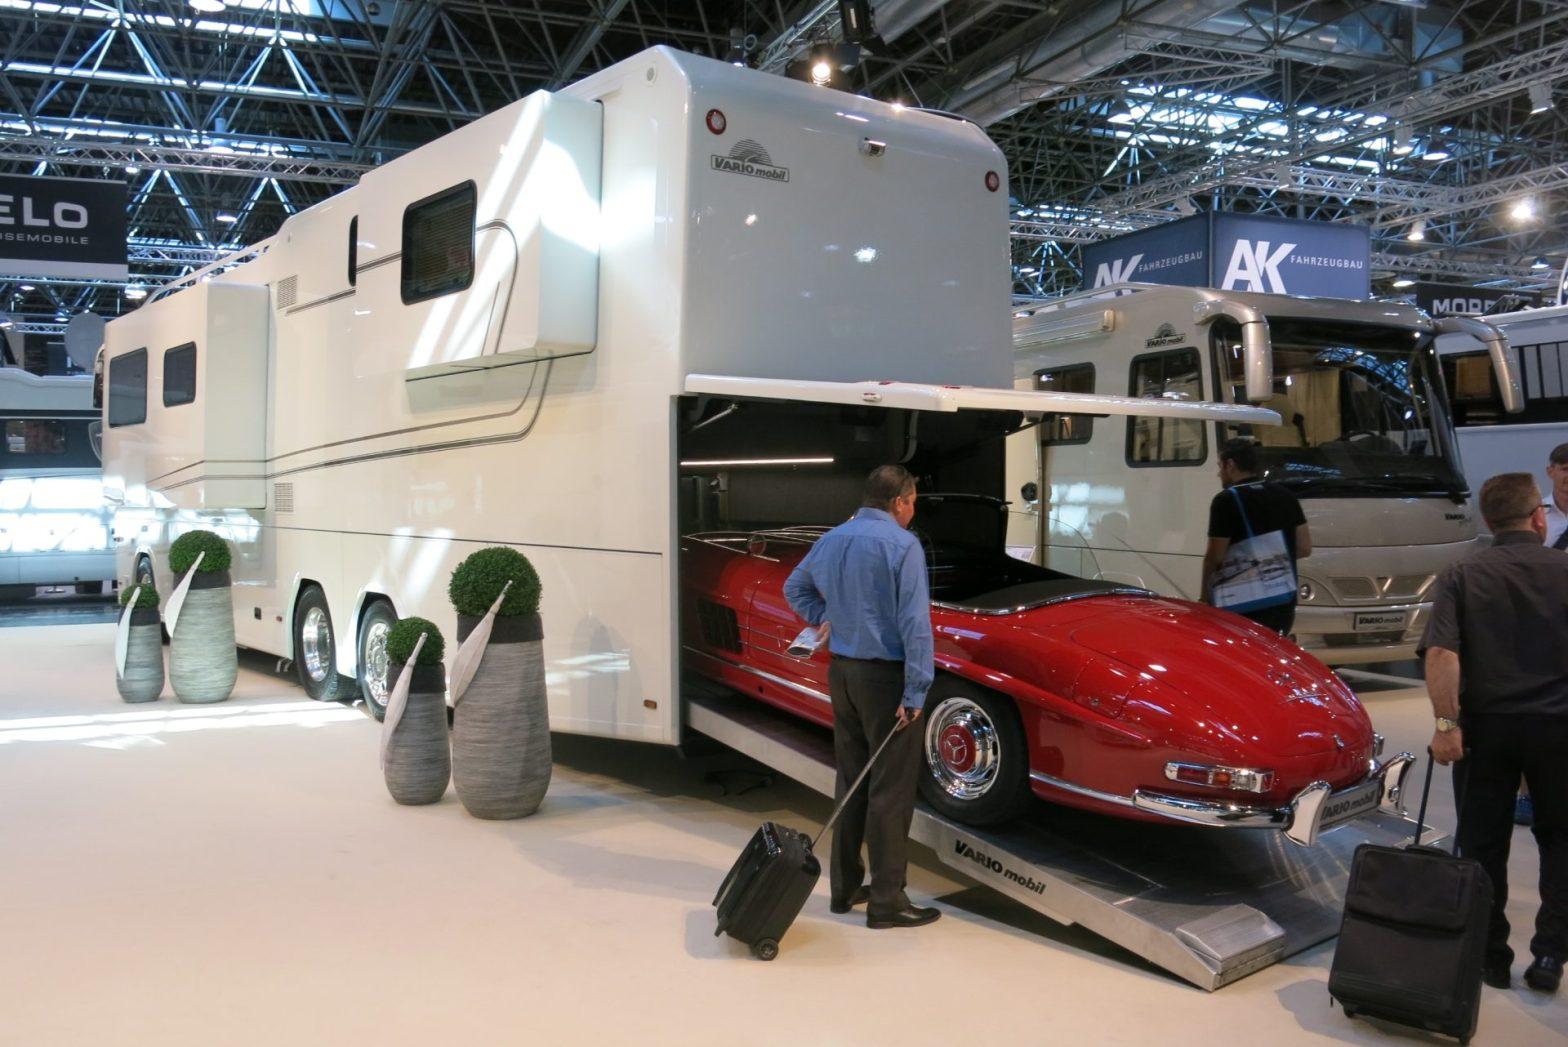 Auto fährt in großes Reisemobil